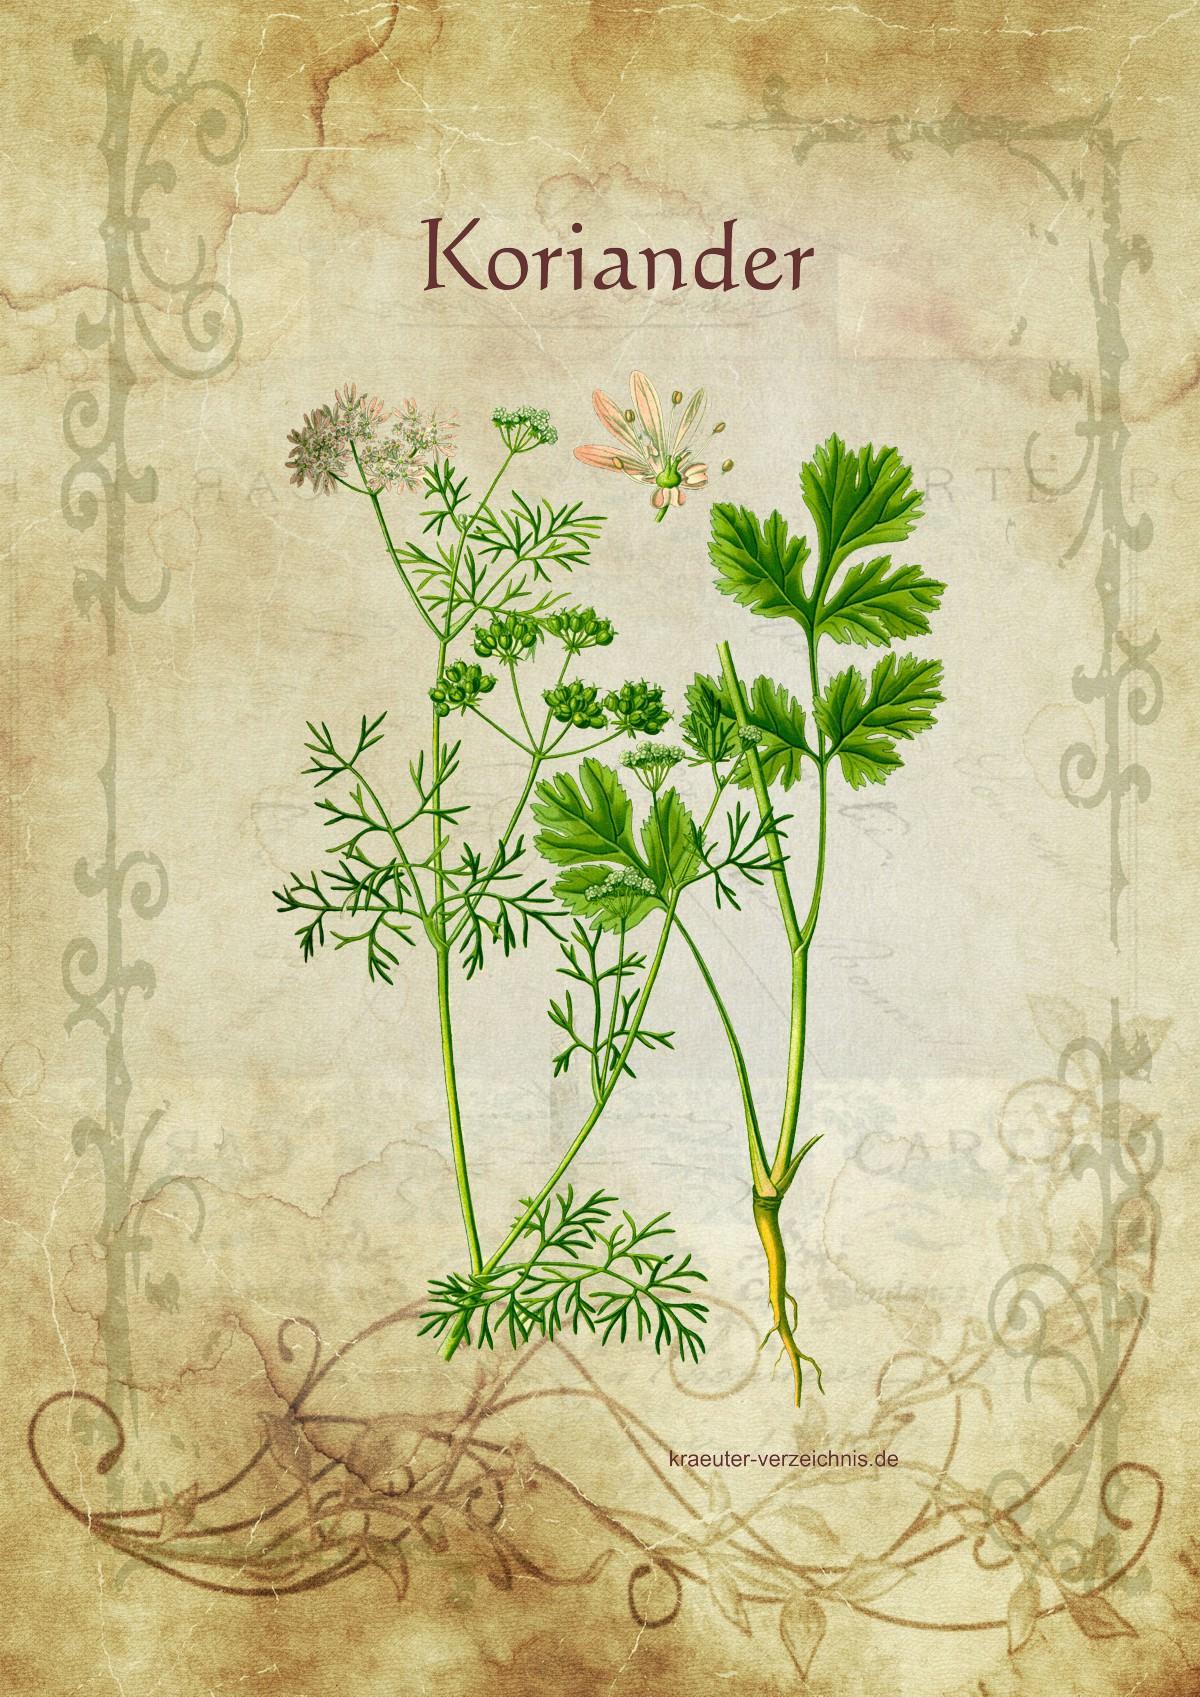 Entgiftende heilkr uter und mittel for Koriander pflanzen